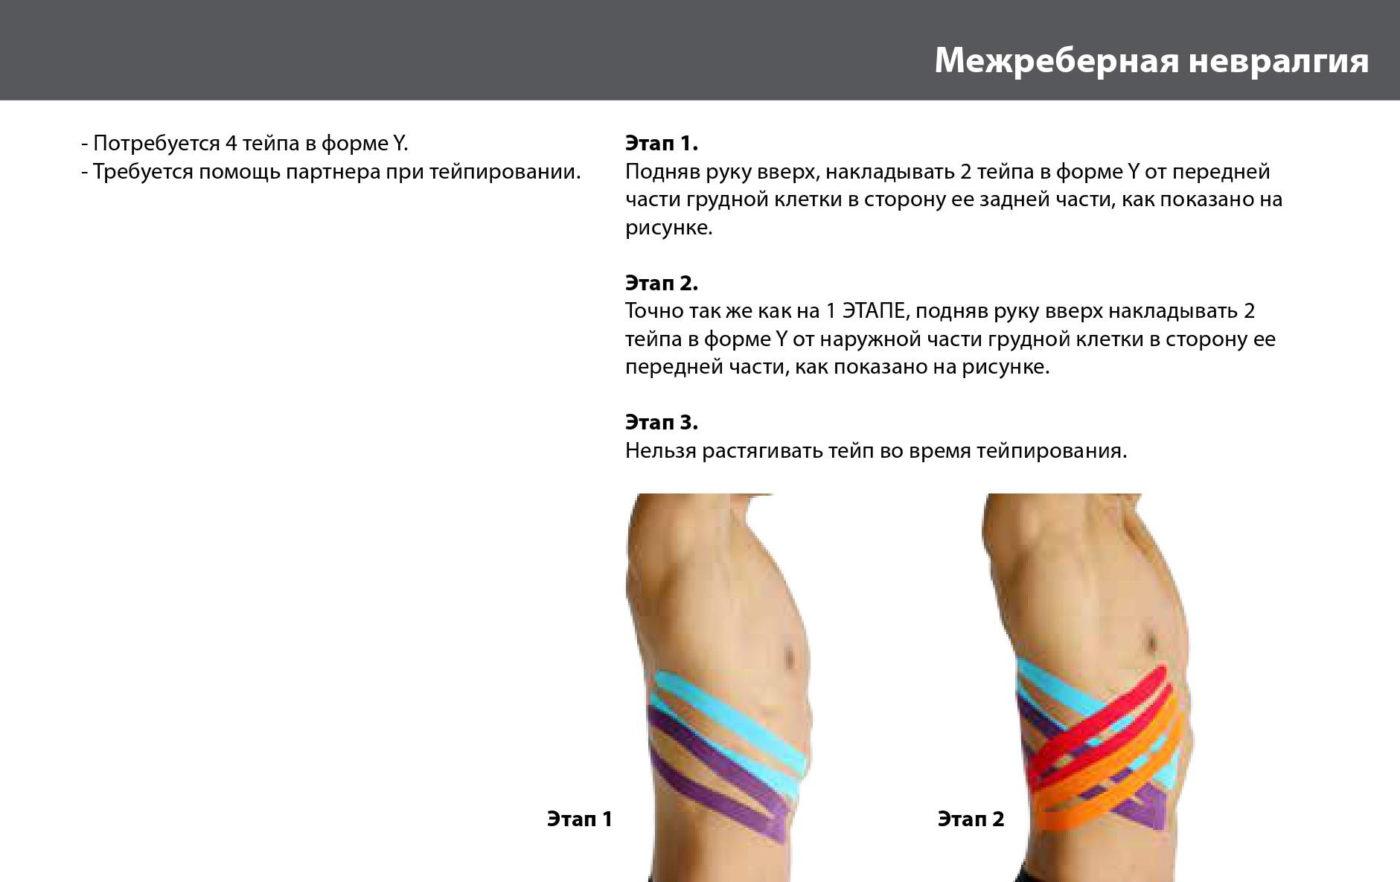 Межреберные ревматические боли в суставах лечение мышцы плечевого сустава в тонусе